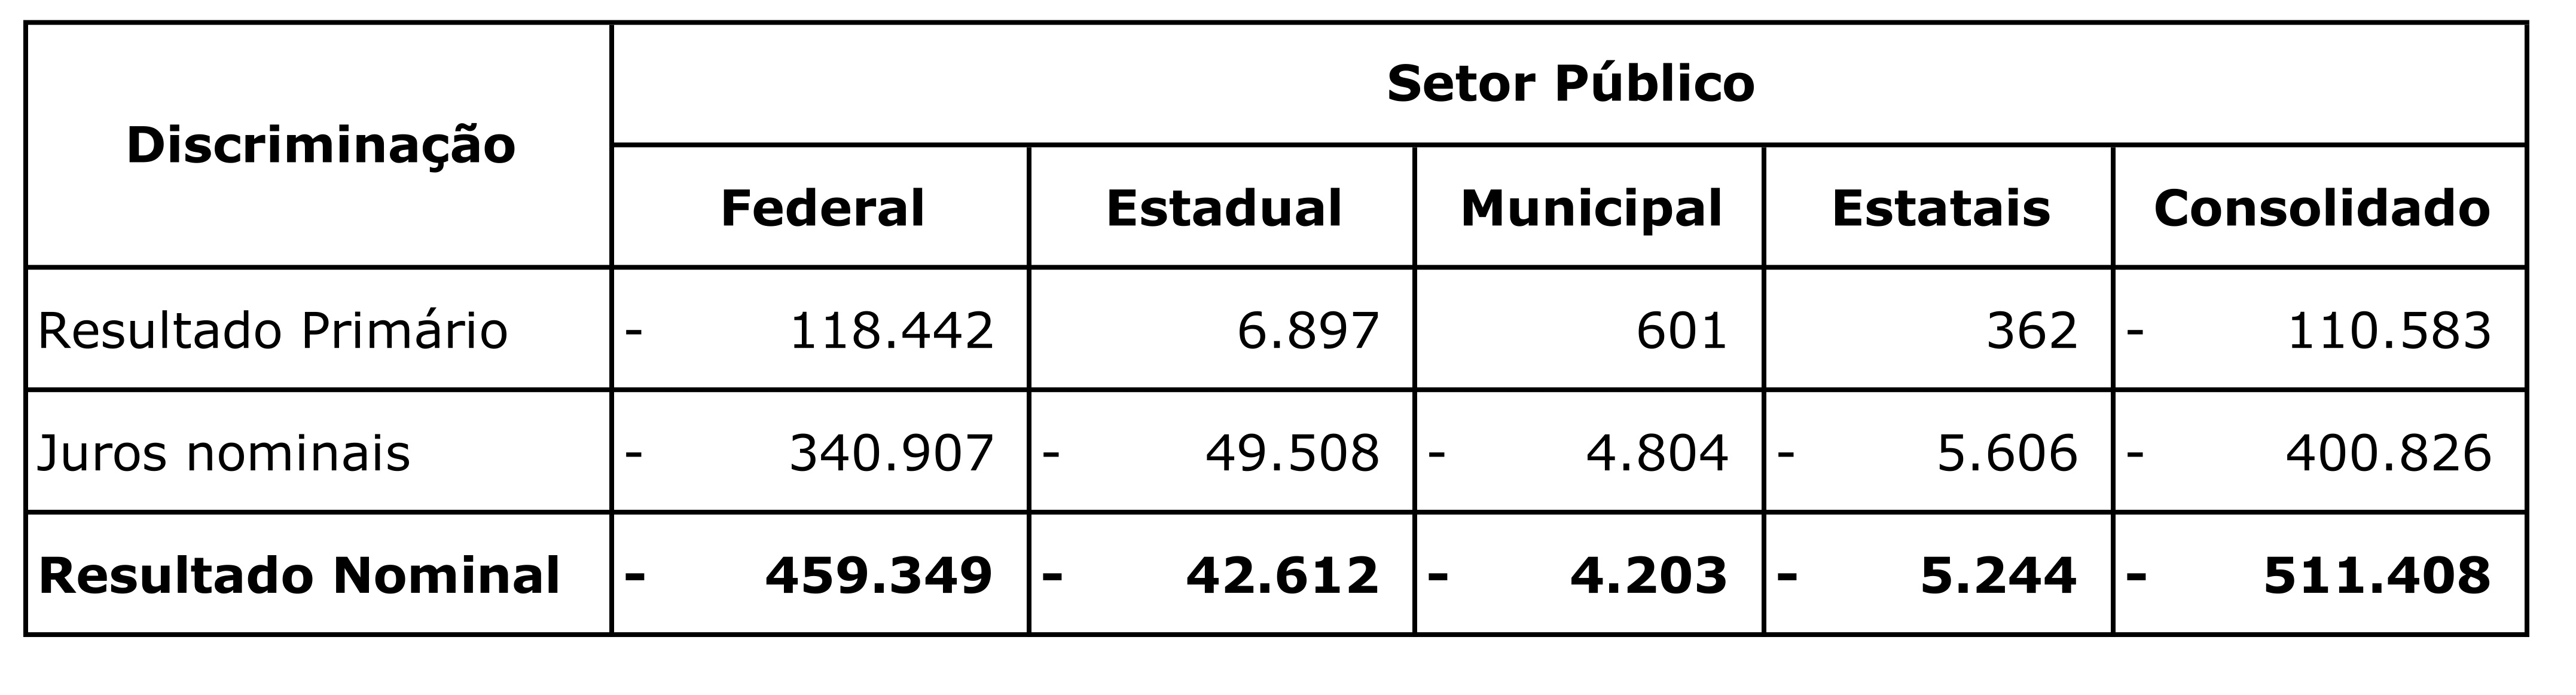 2.2_resultado_nominal_setor_publico_consolidado